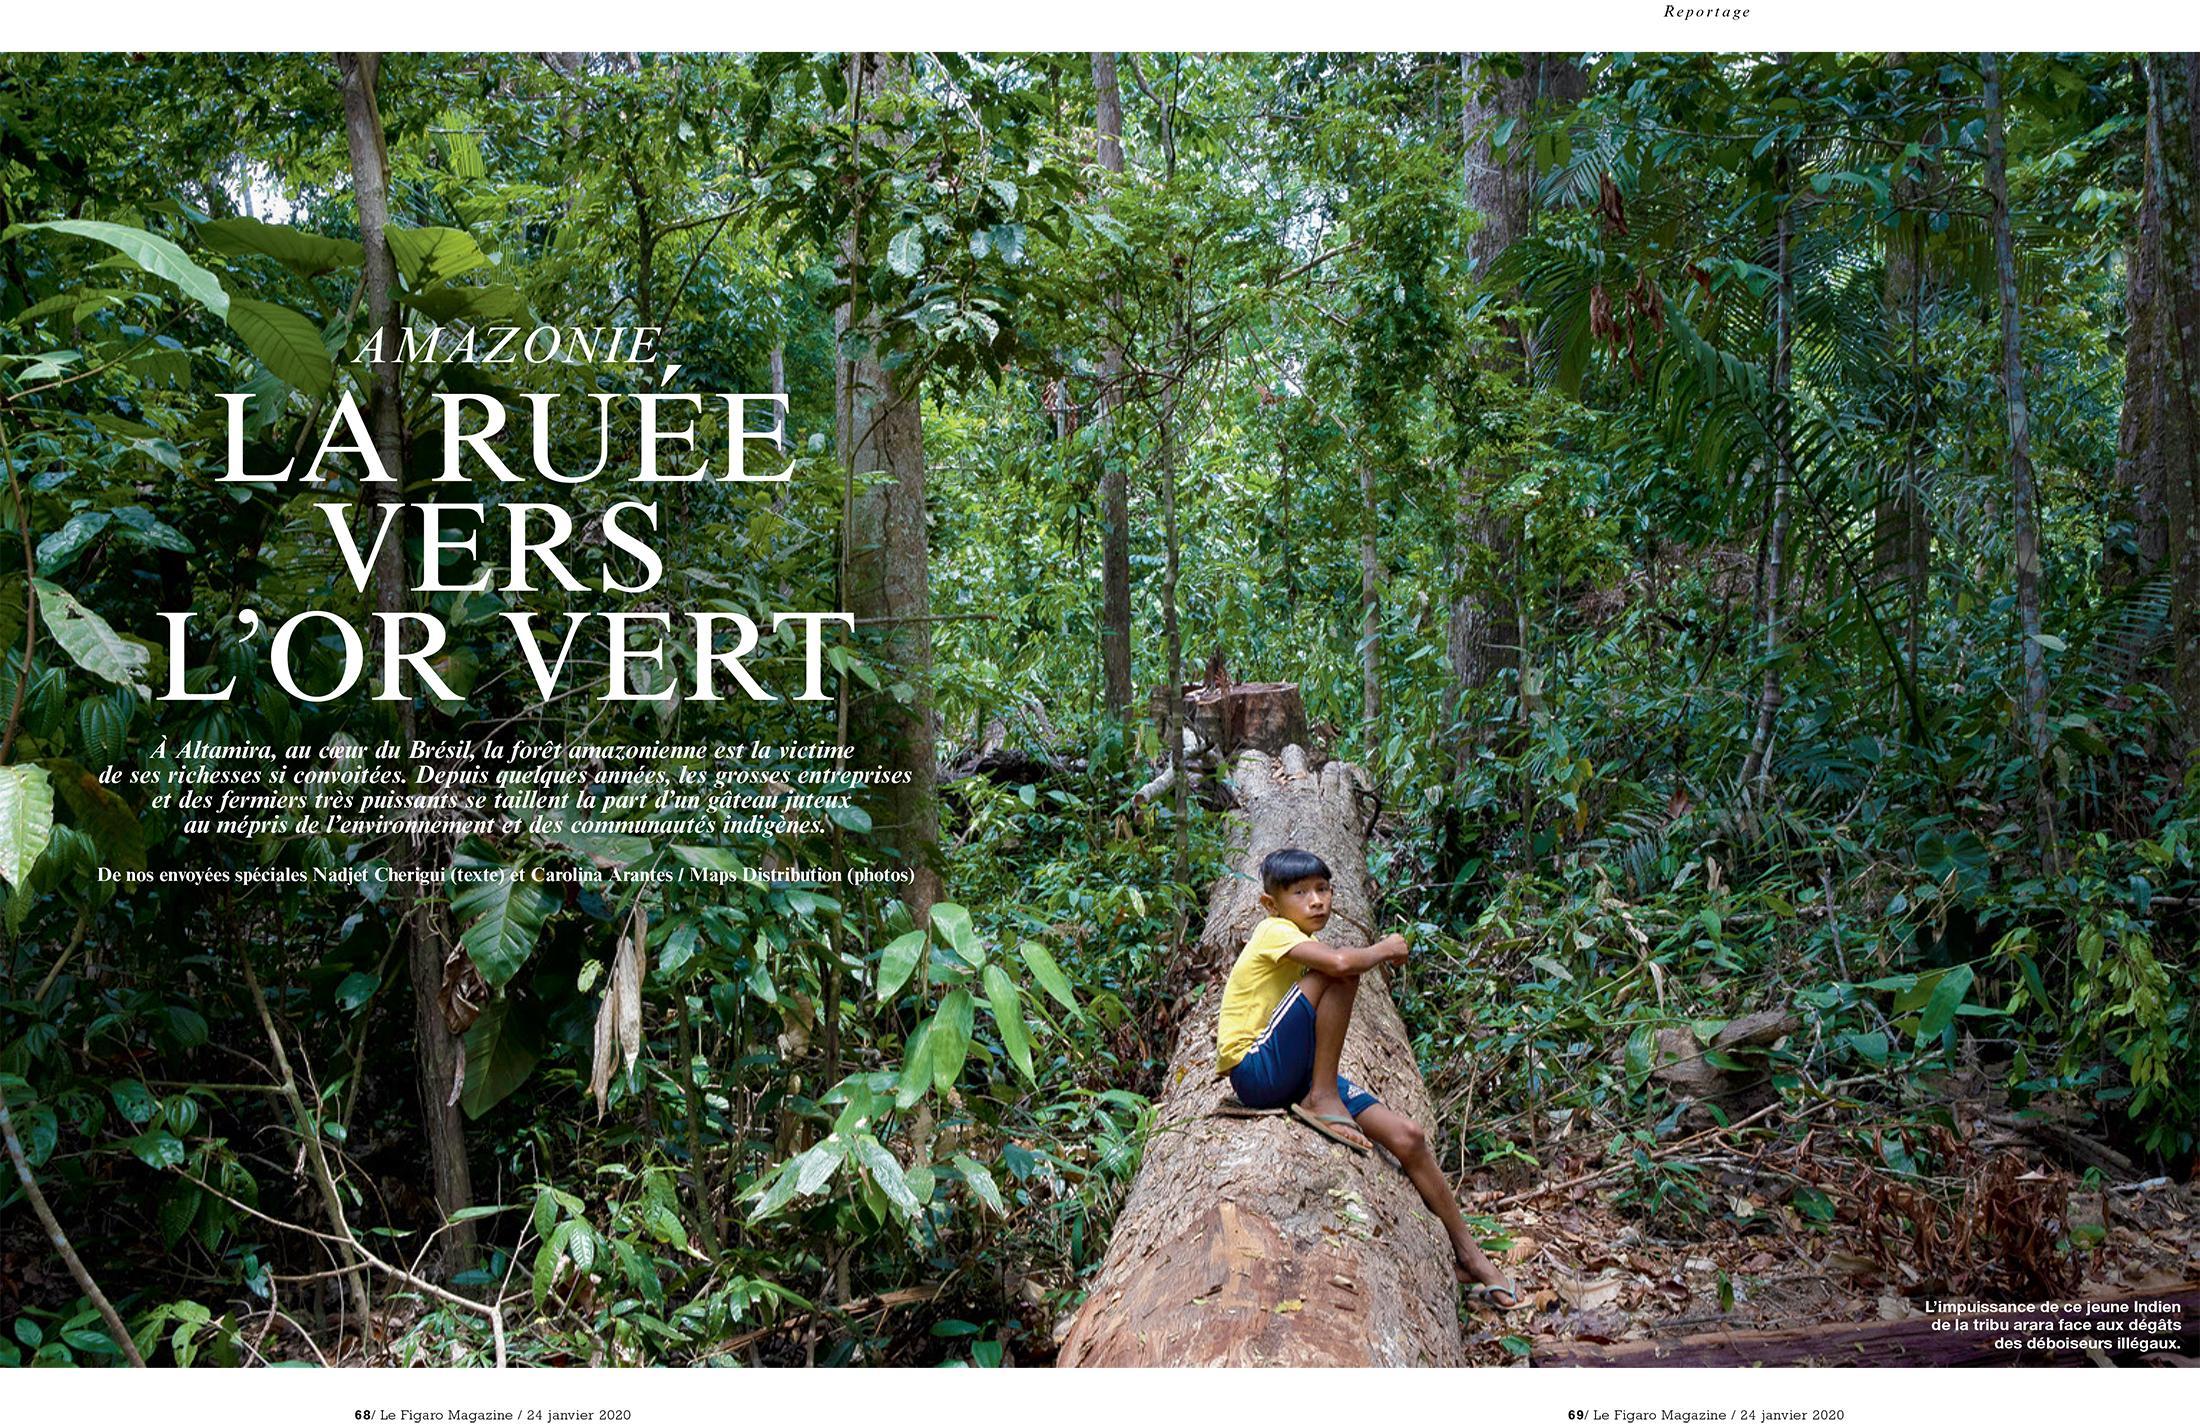 Art and Documentary Photography - Loading Arantes_LeFigMag01_1p.jpg